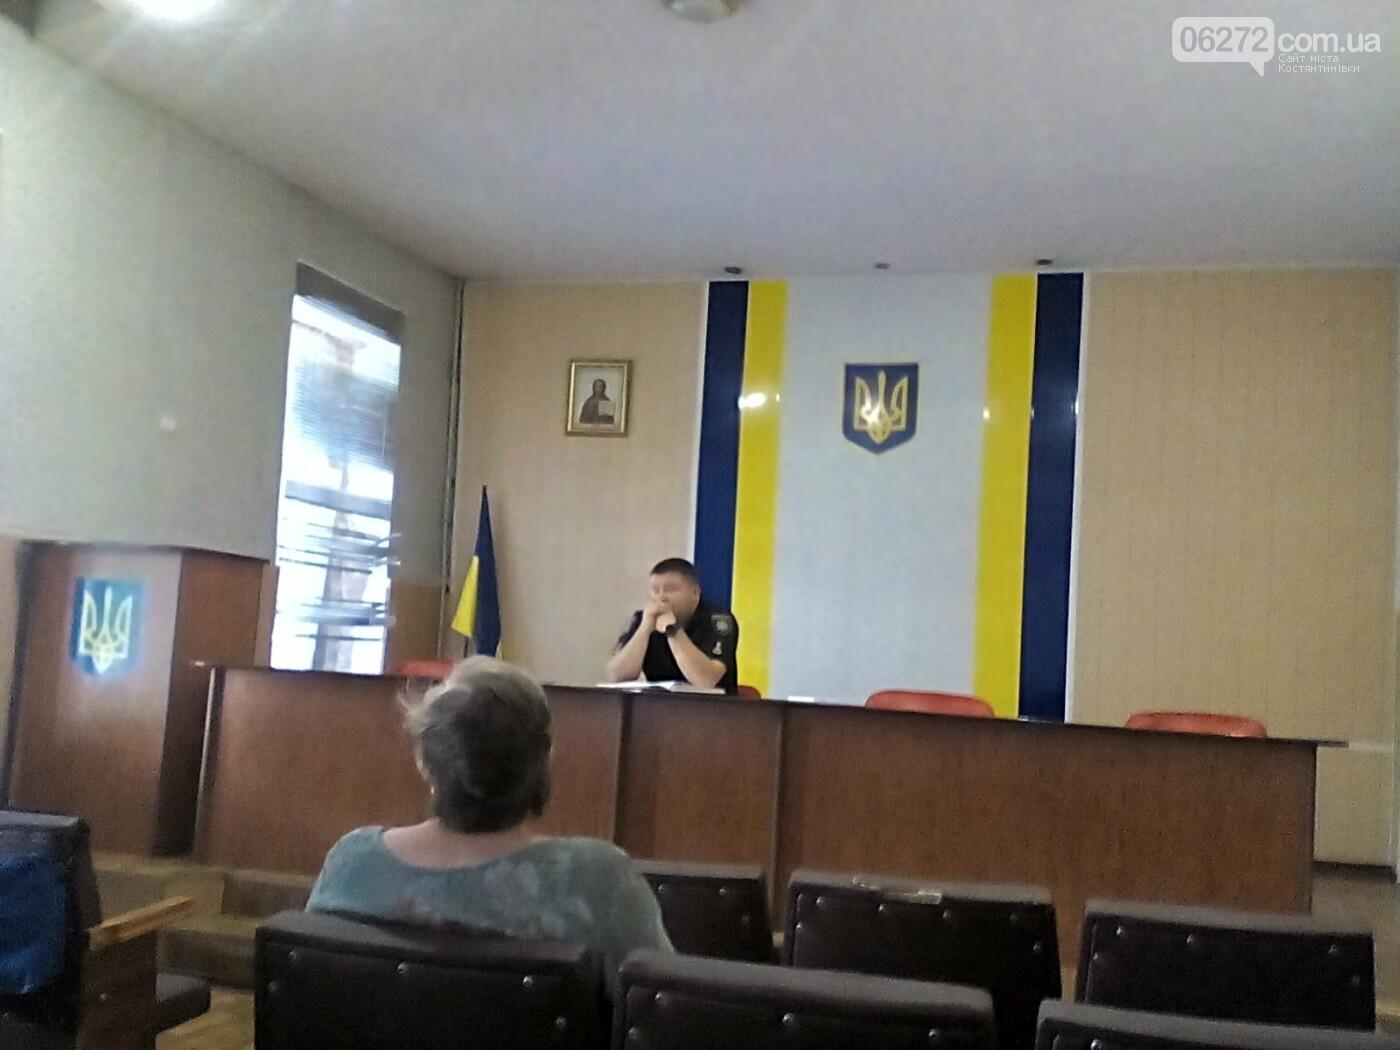 Результаты работы Константиновской полиции за неделю, фото-1